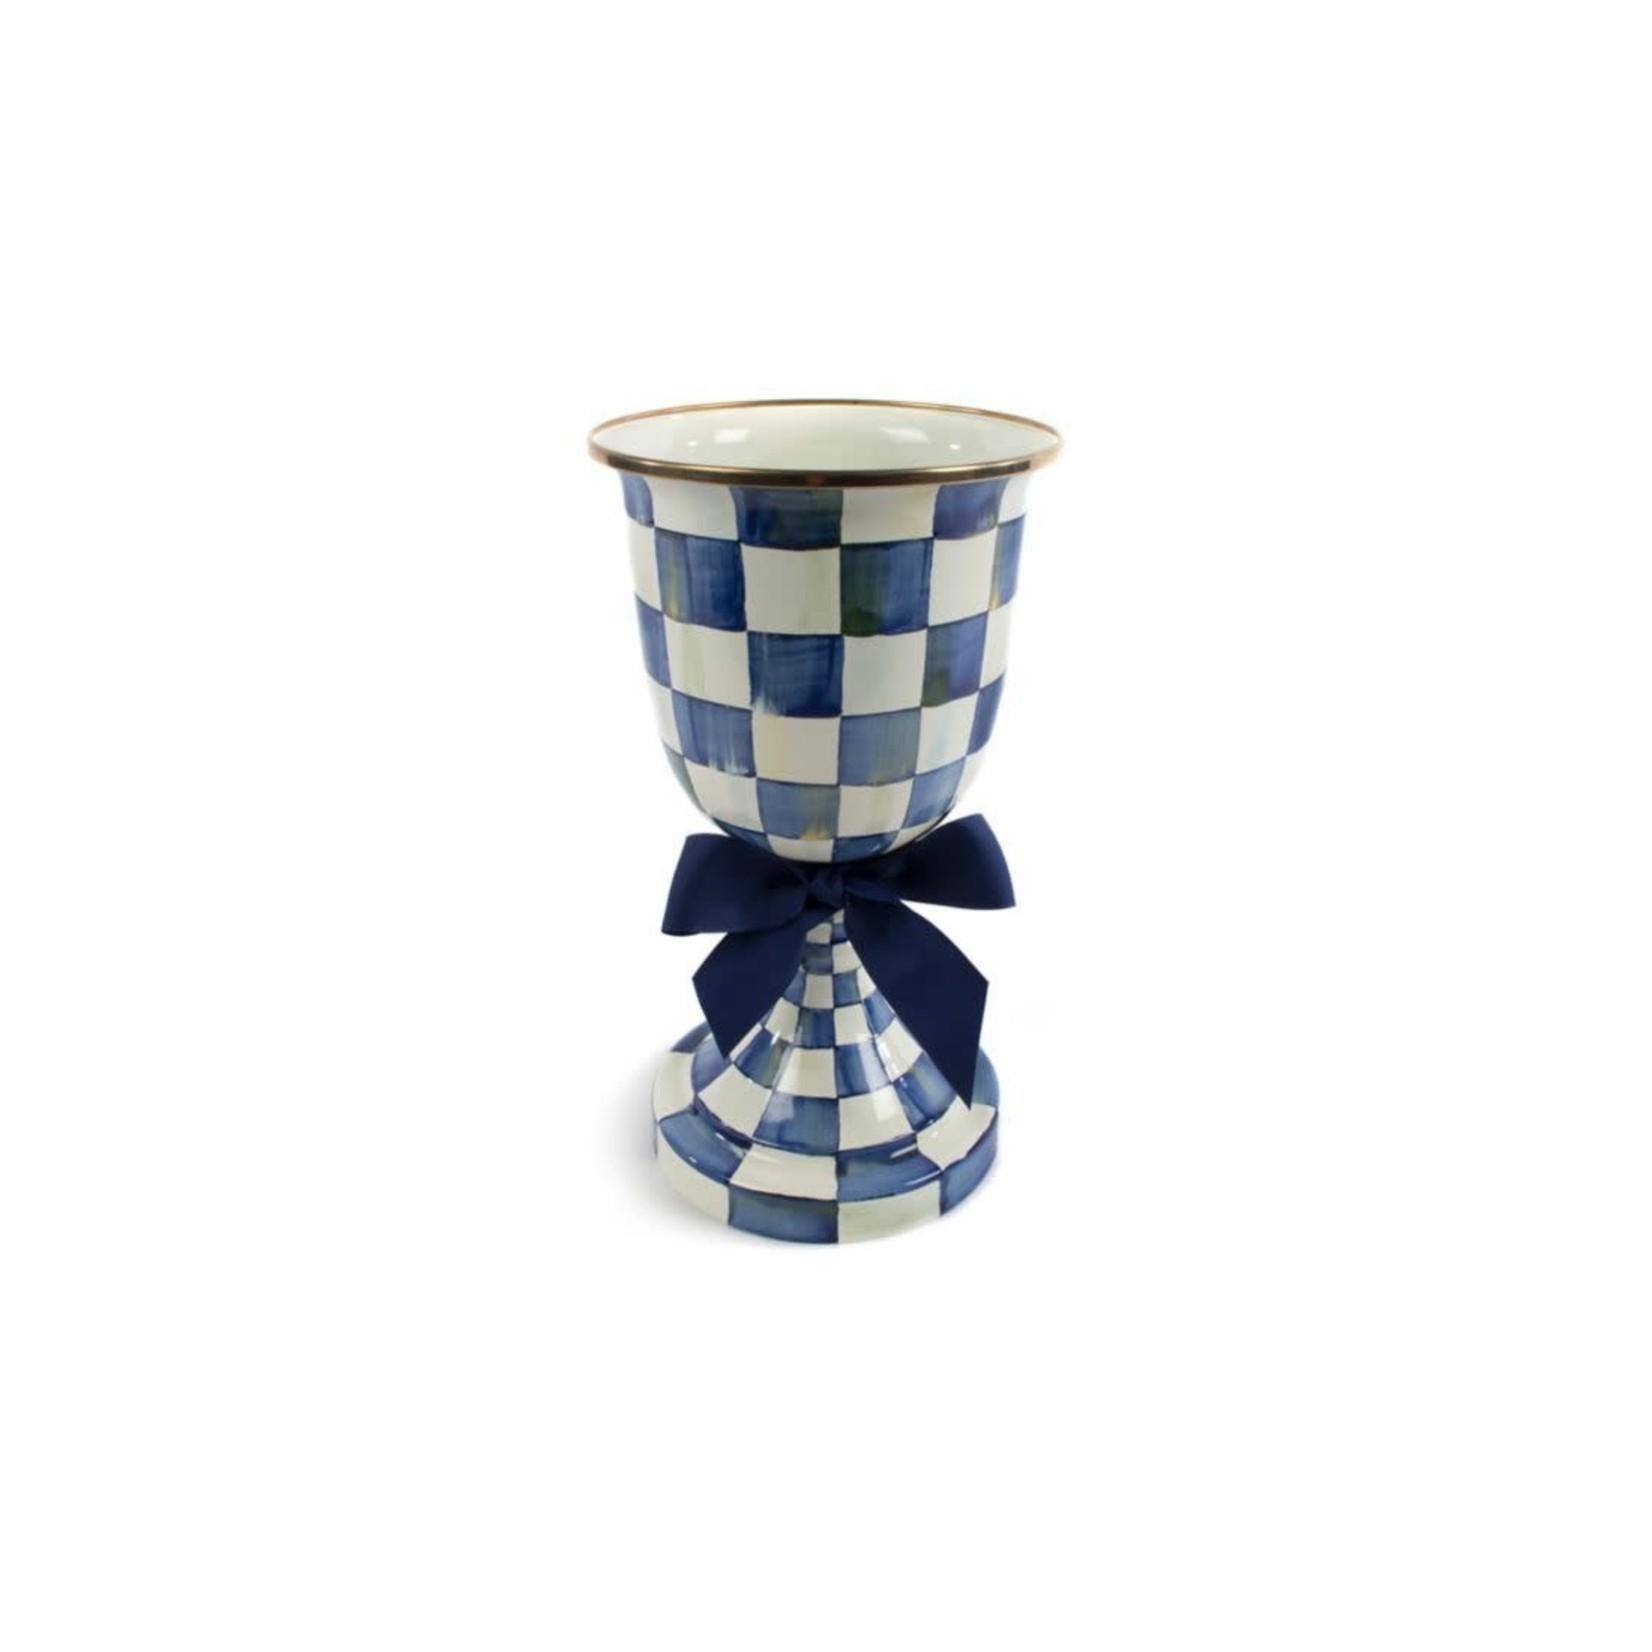 MacKenzie Childs Royal Check Pedestal Vase